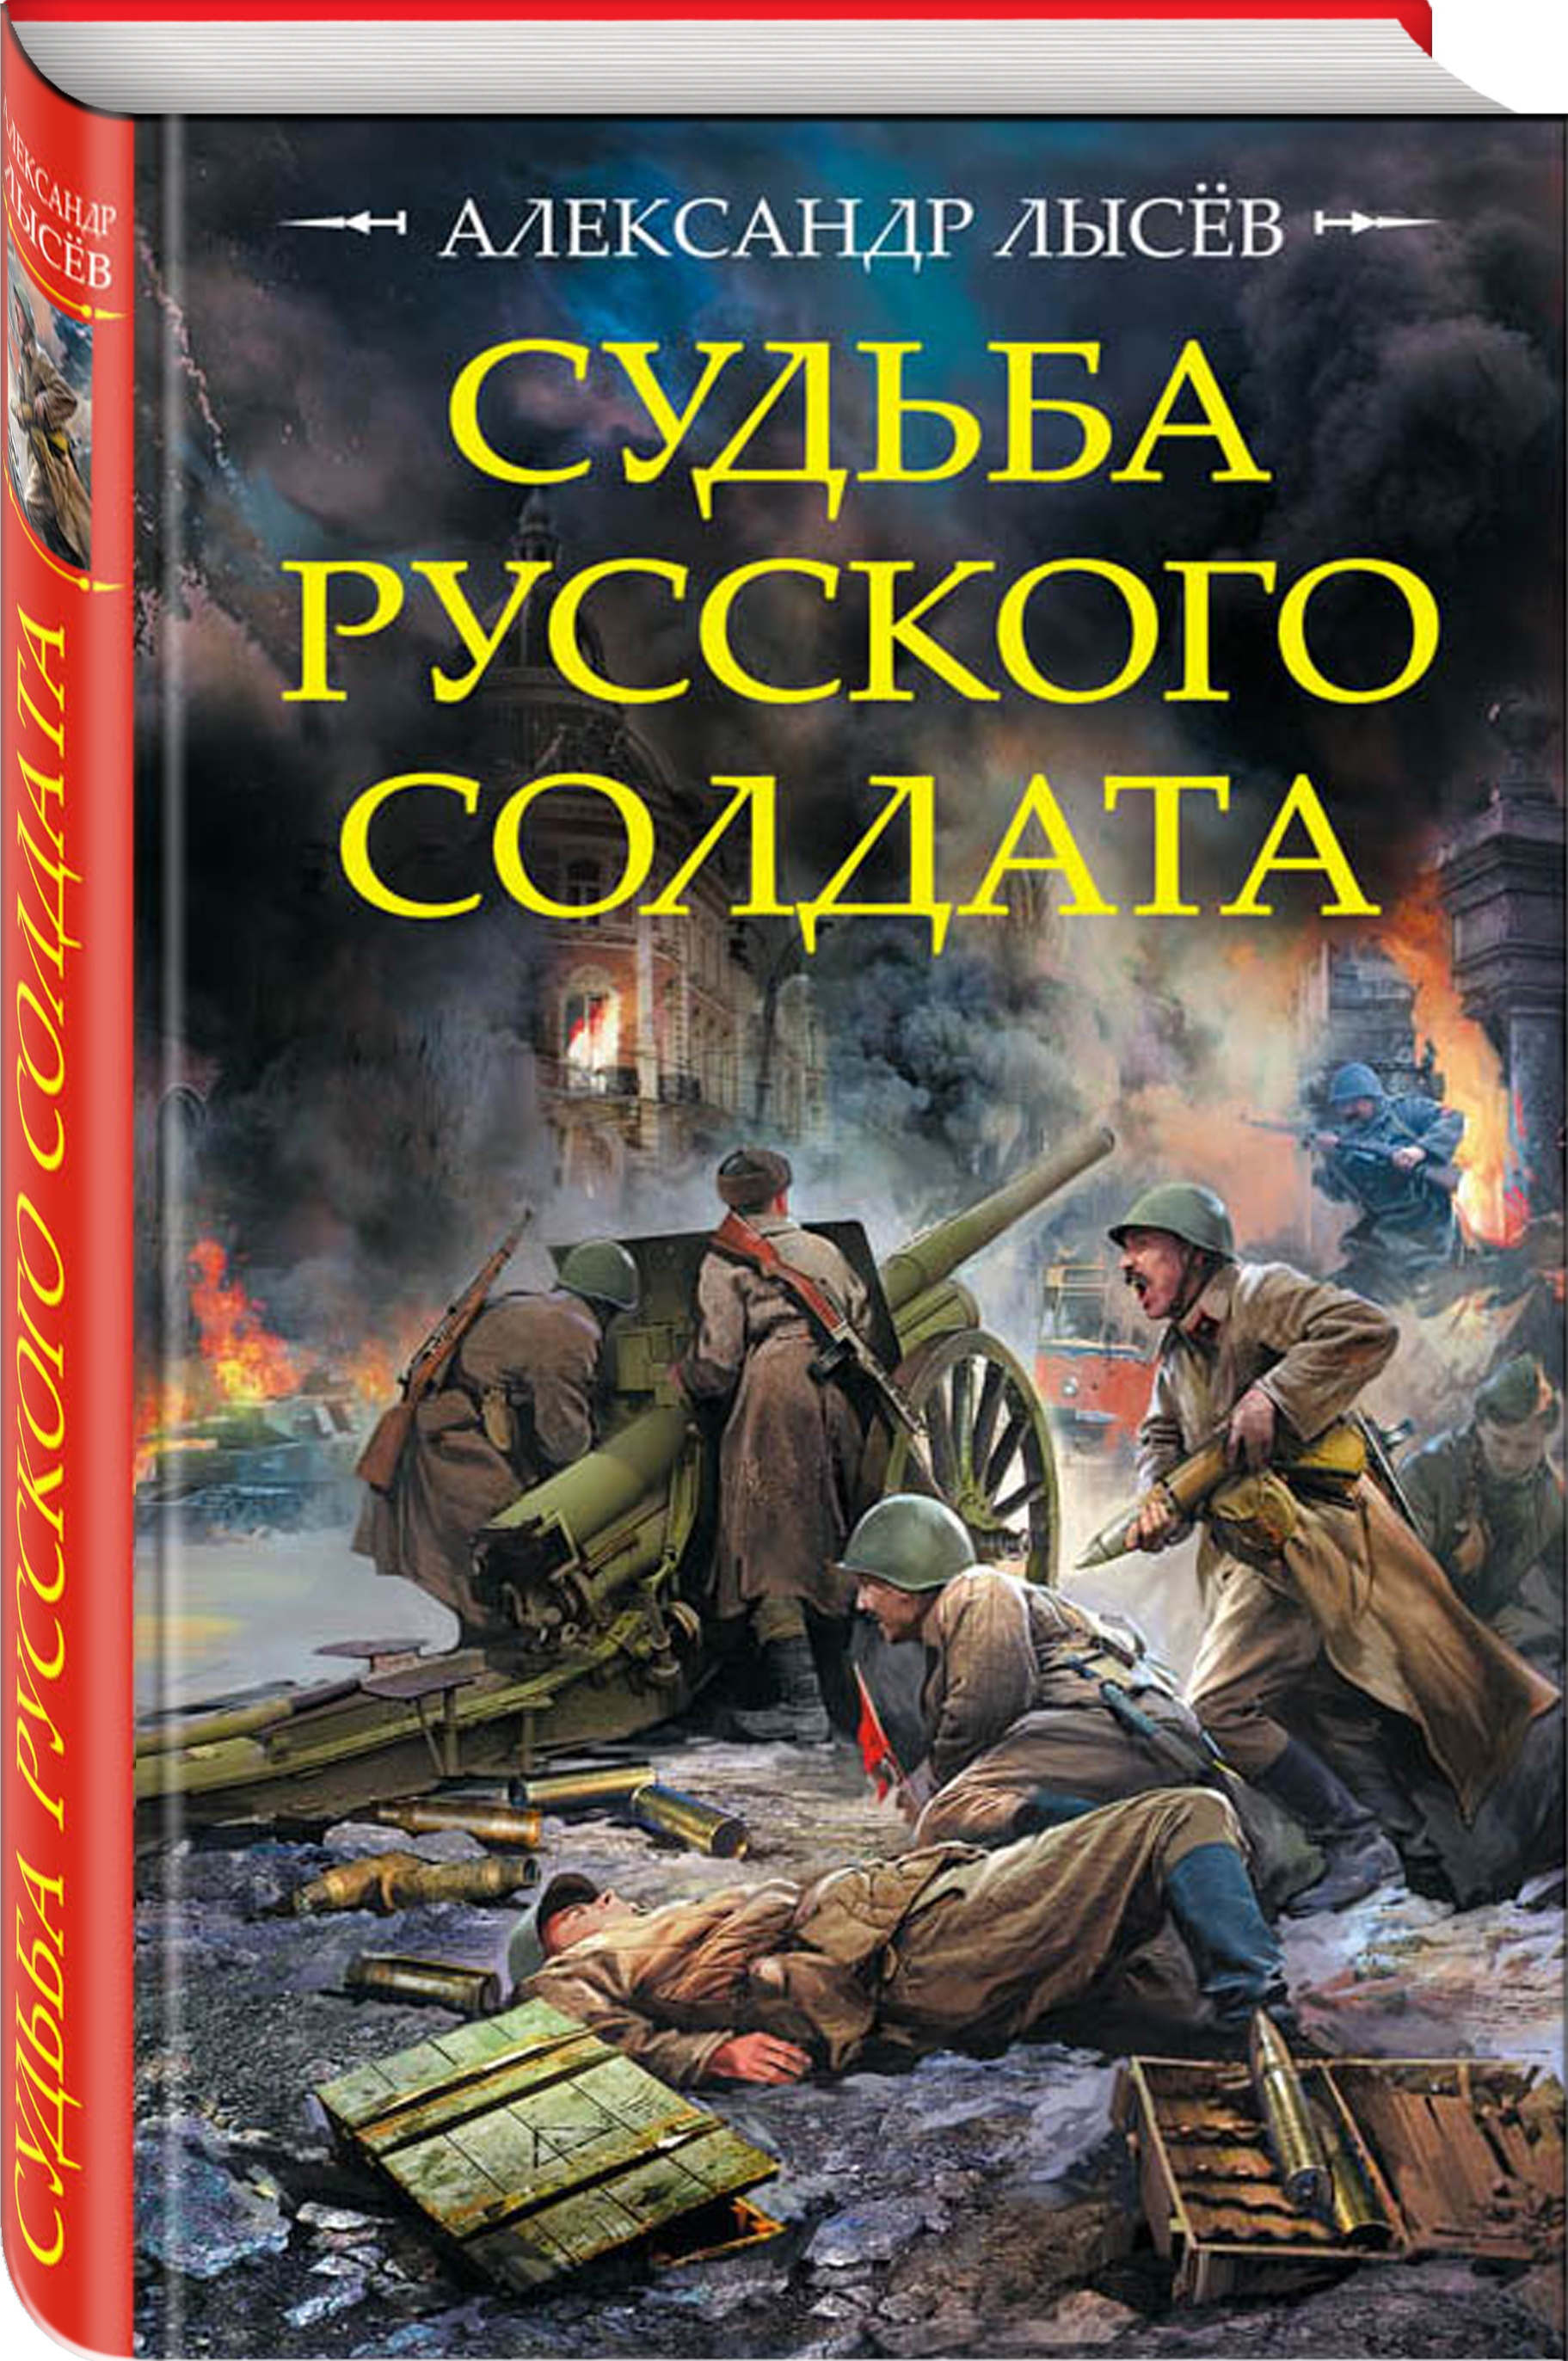 Лысёв А.В. Судьба русского солдата былое сборник сочинений бывших до сих пор под запрещением книга 11